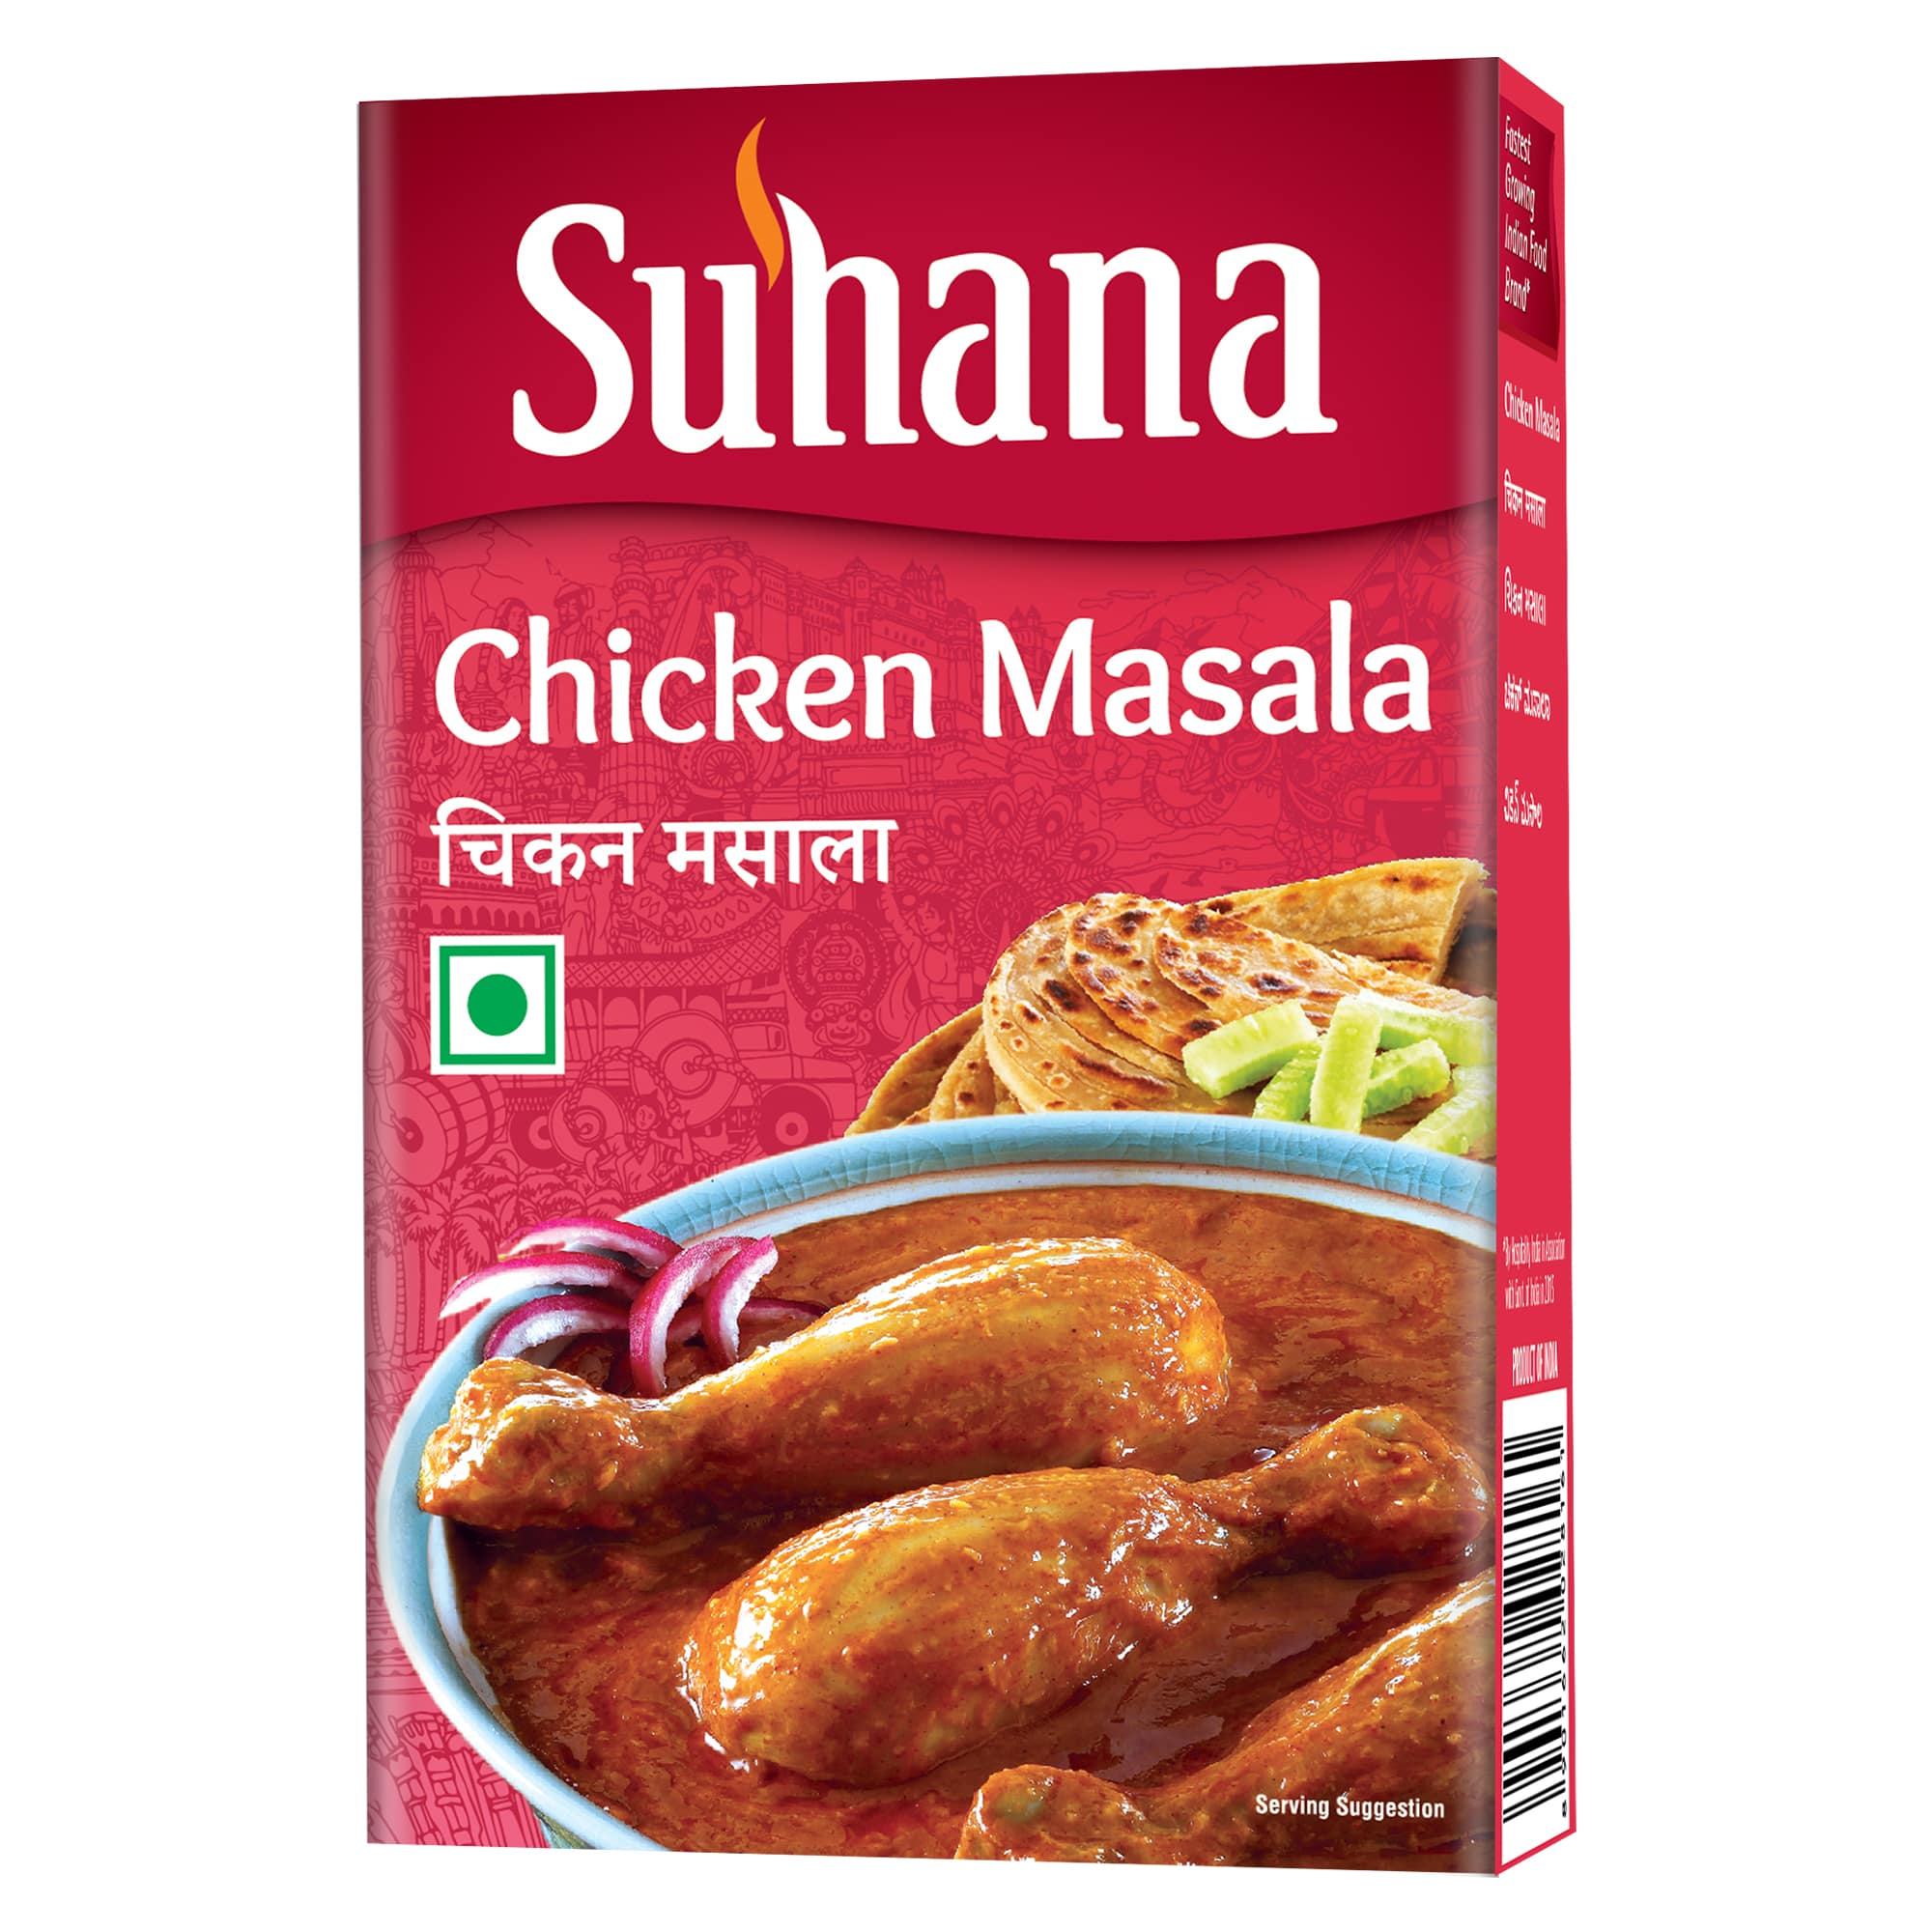 Suhana Chicken Masala Box